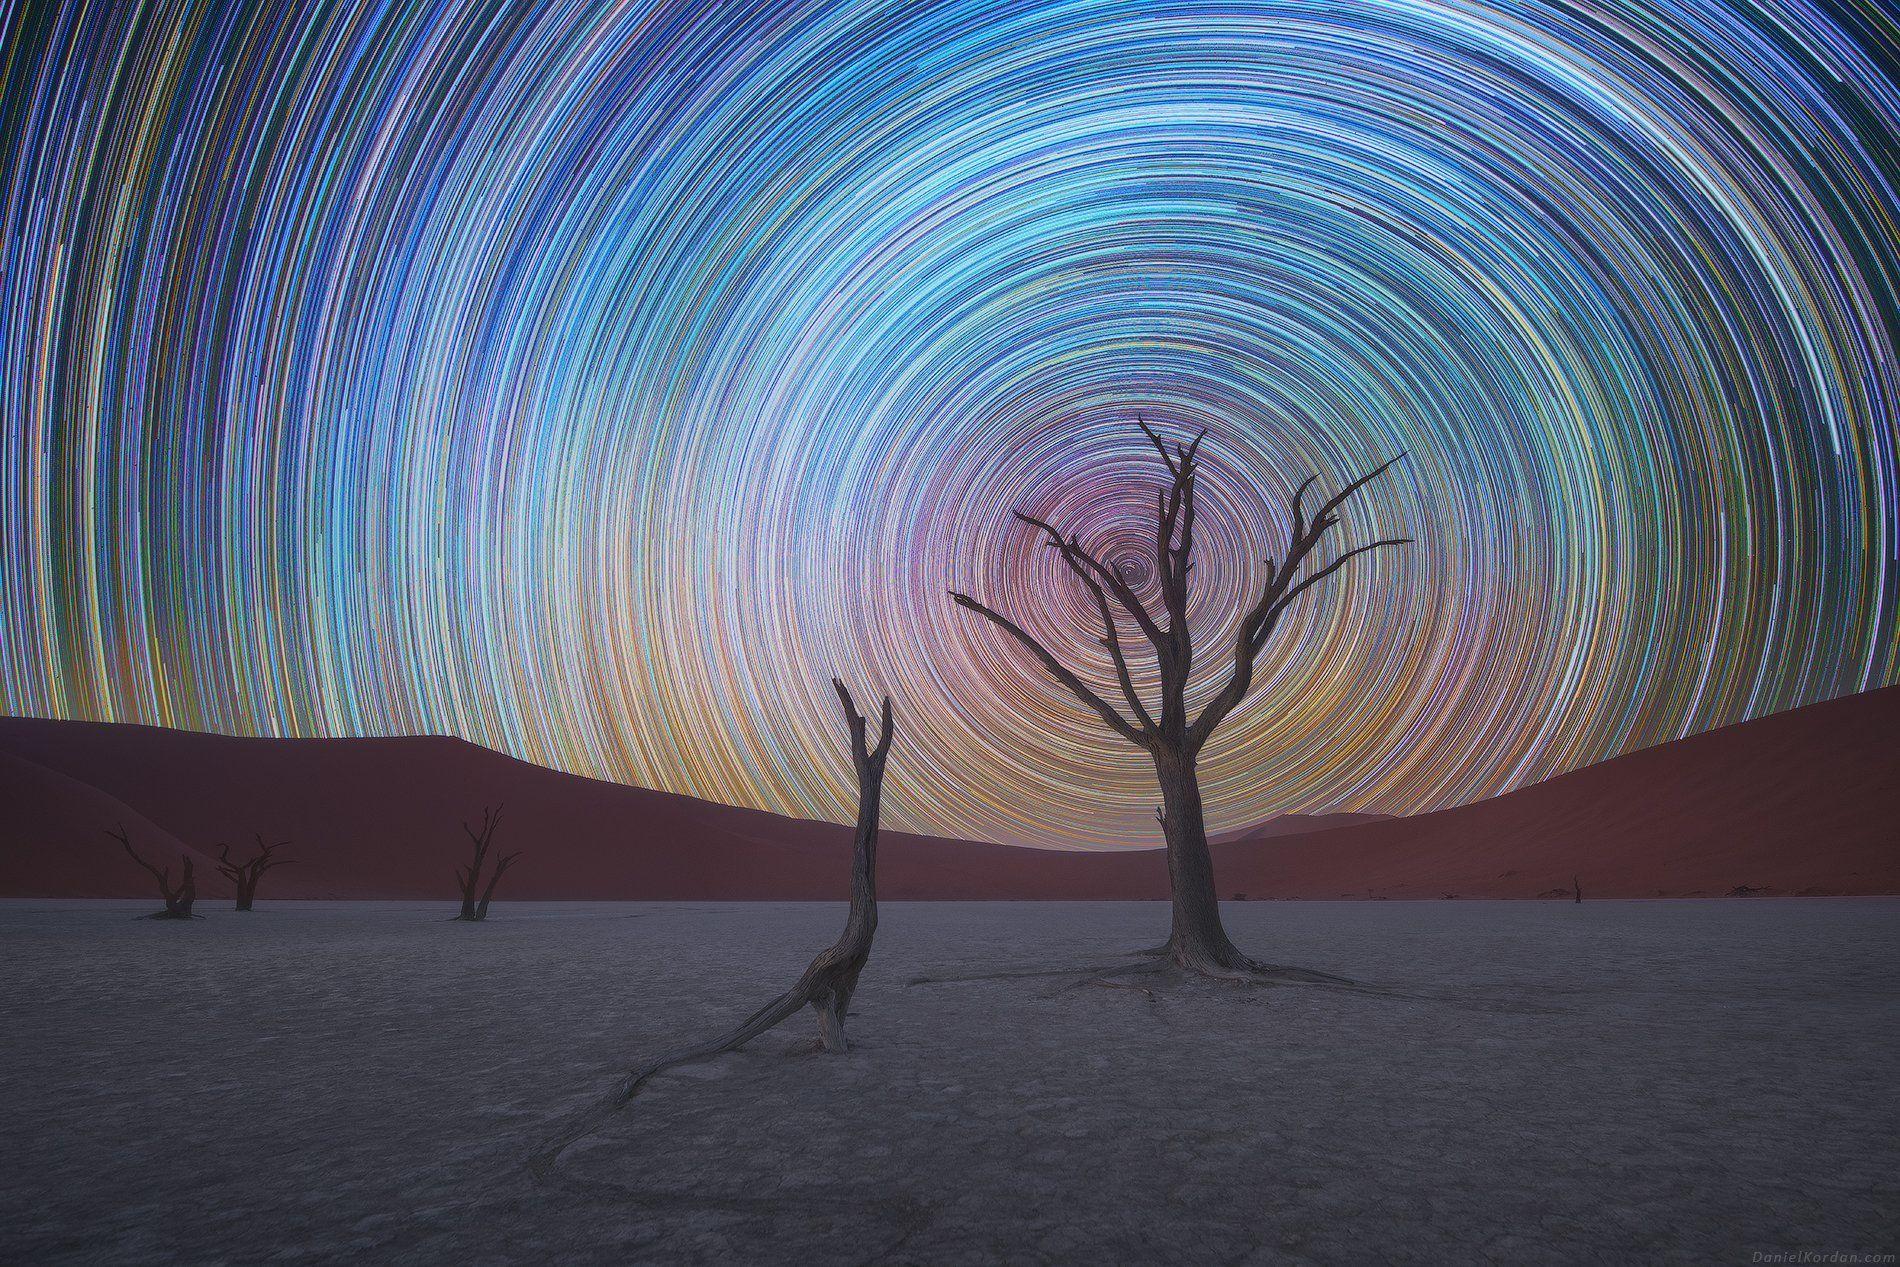 Намибия, Даниил Коржонов